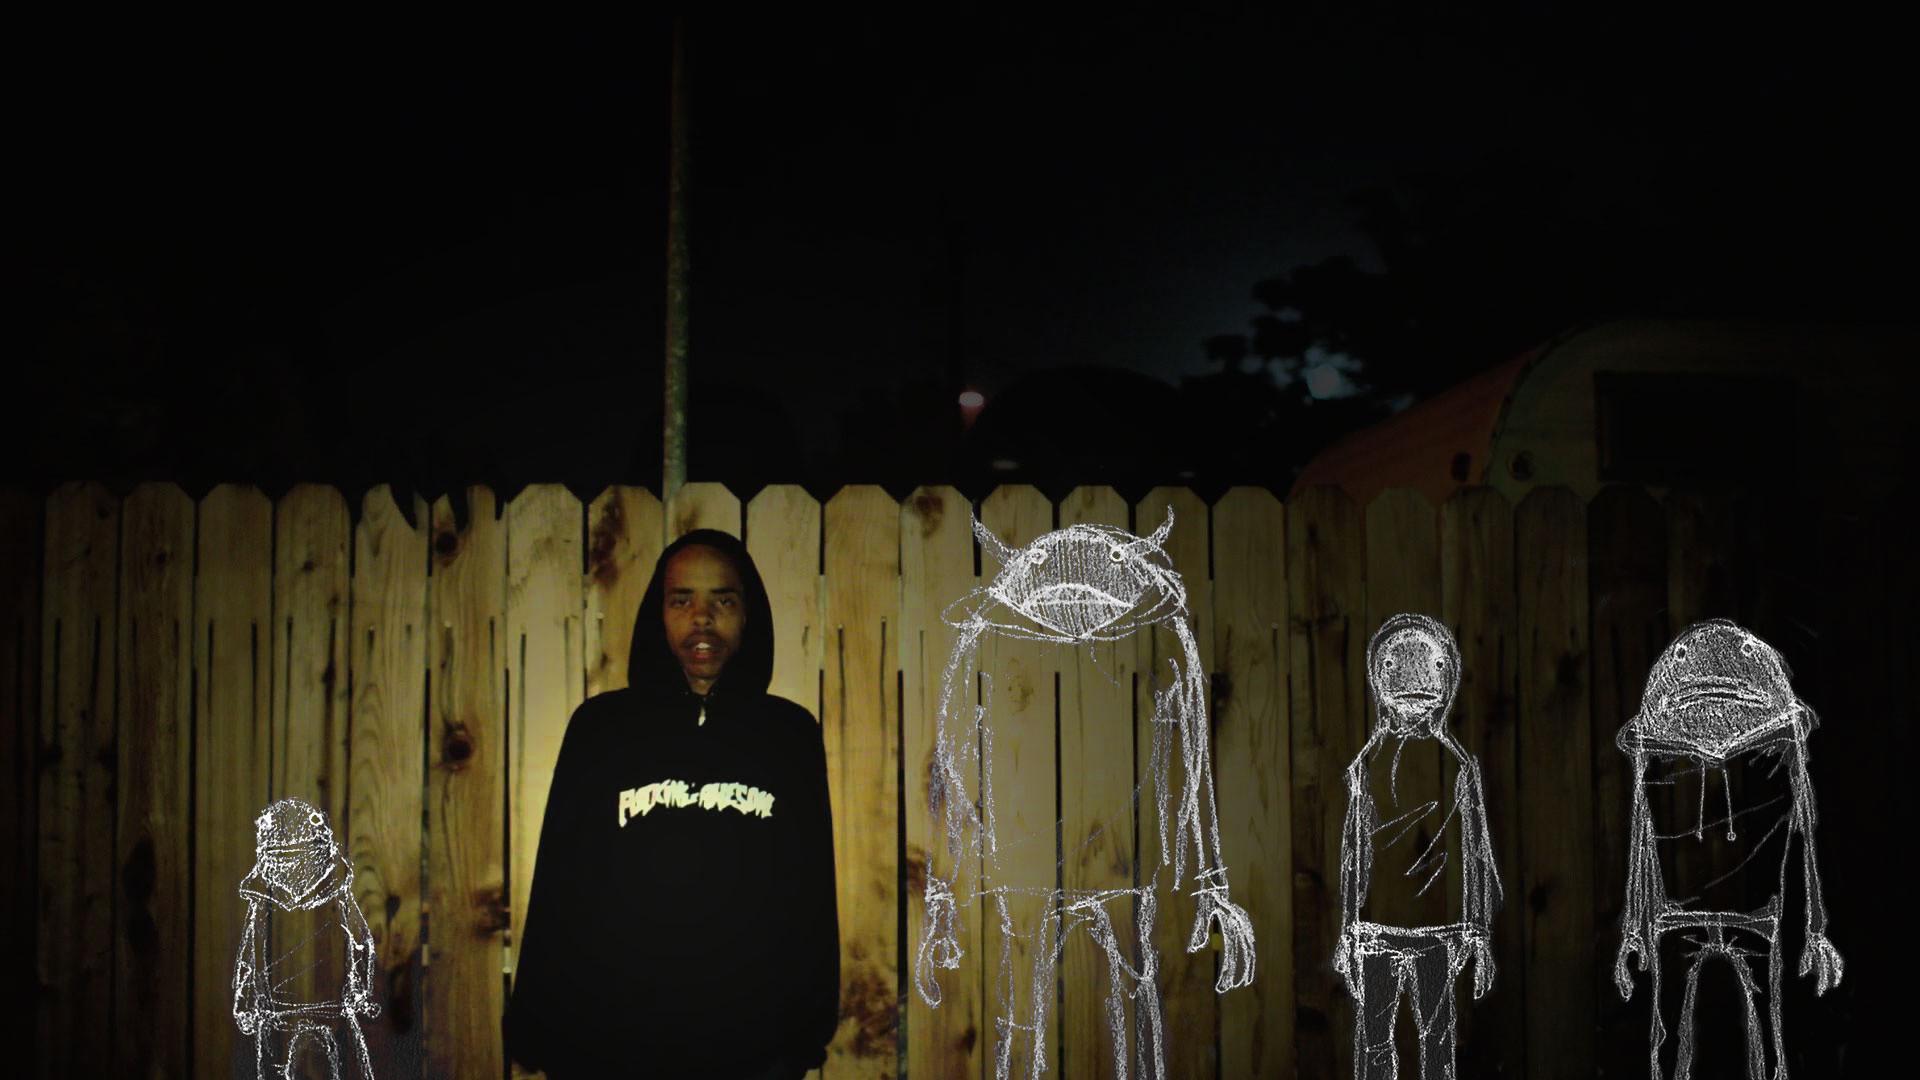 Funny, Singer, Rapper, Rap, Hip Hop, Earl Sweatshirt, Earl Sweatshirt